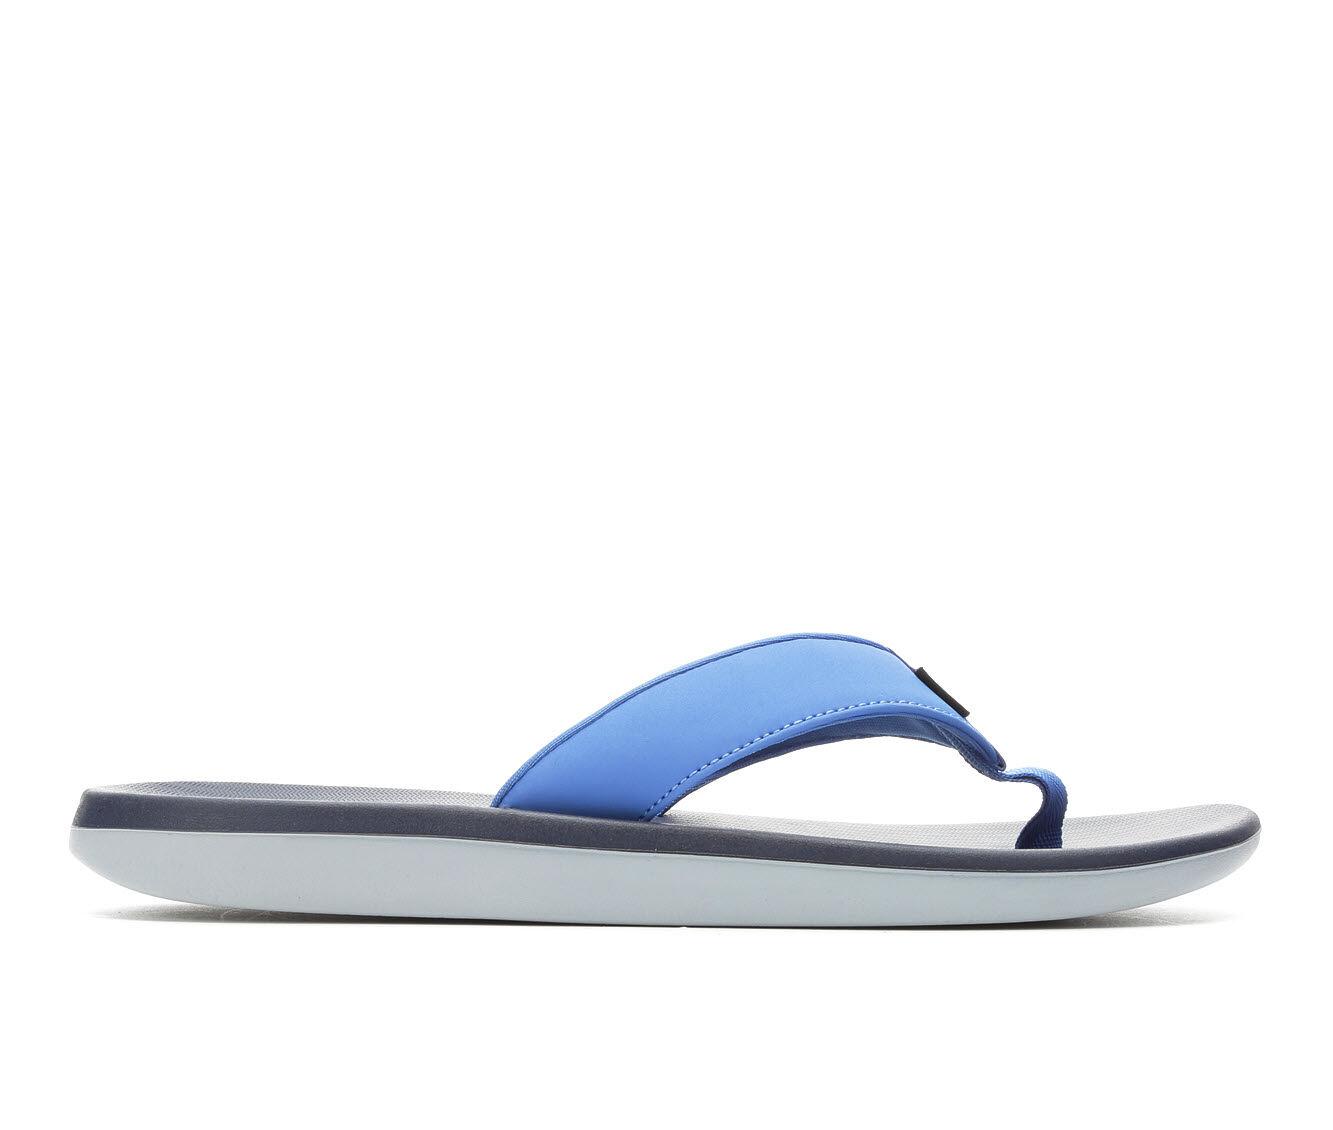 Men's Nike Kepa Kai Flip-Flops Blue/Wht/Navy